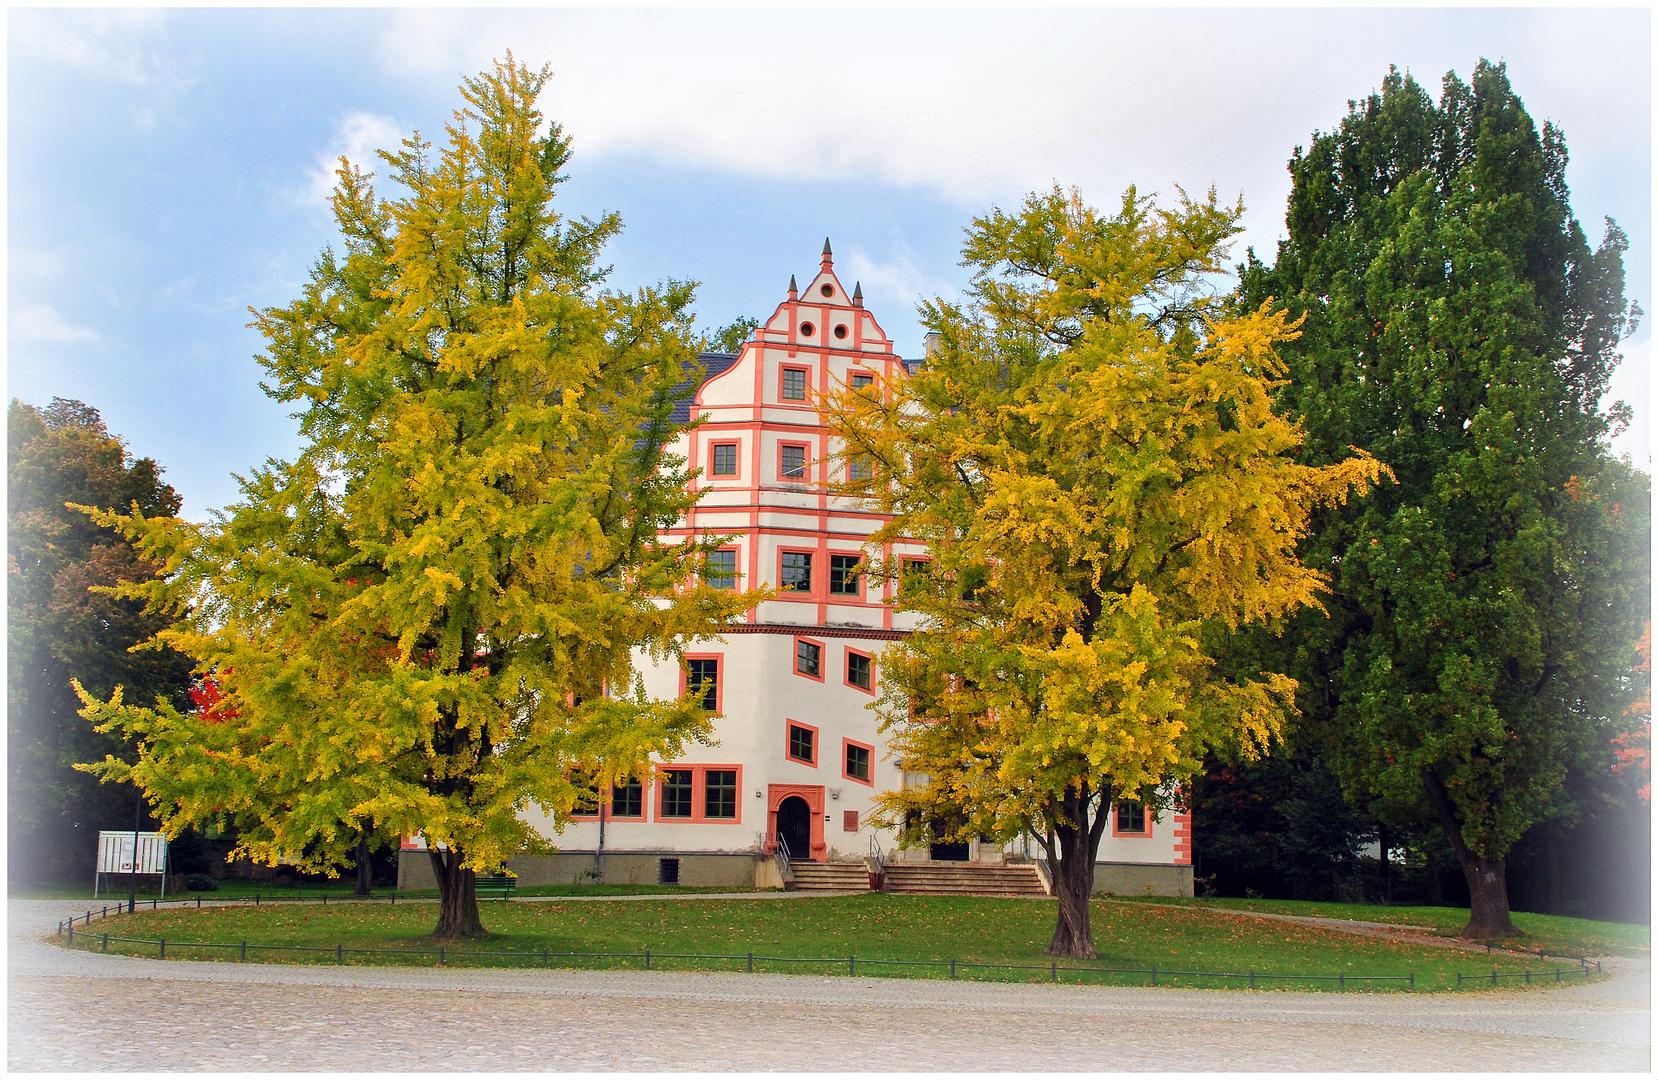 Alte Ginkobäume vor dem Renaissanceschloss Ponitz